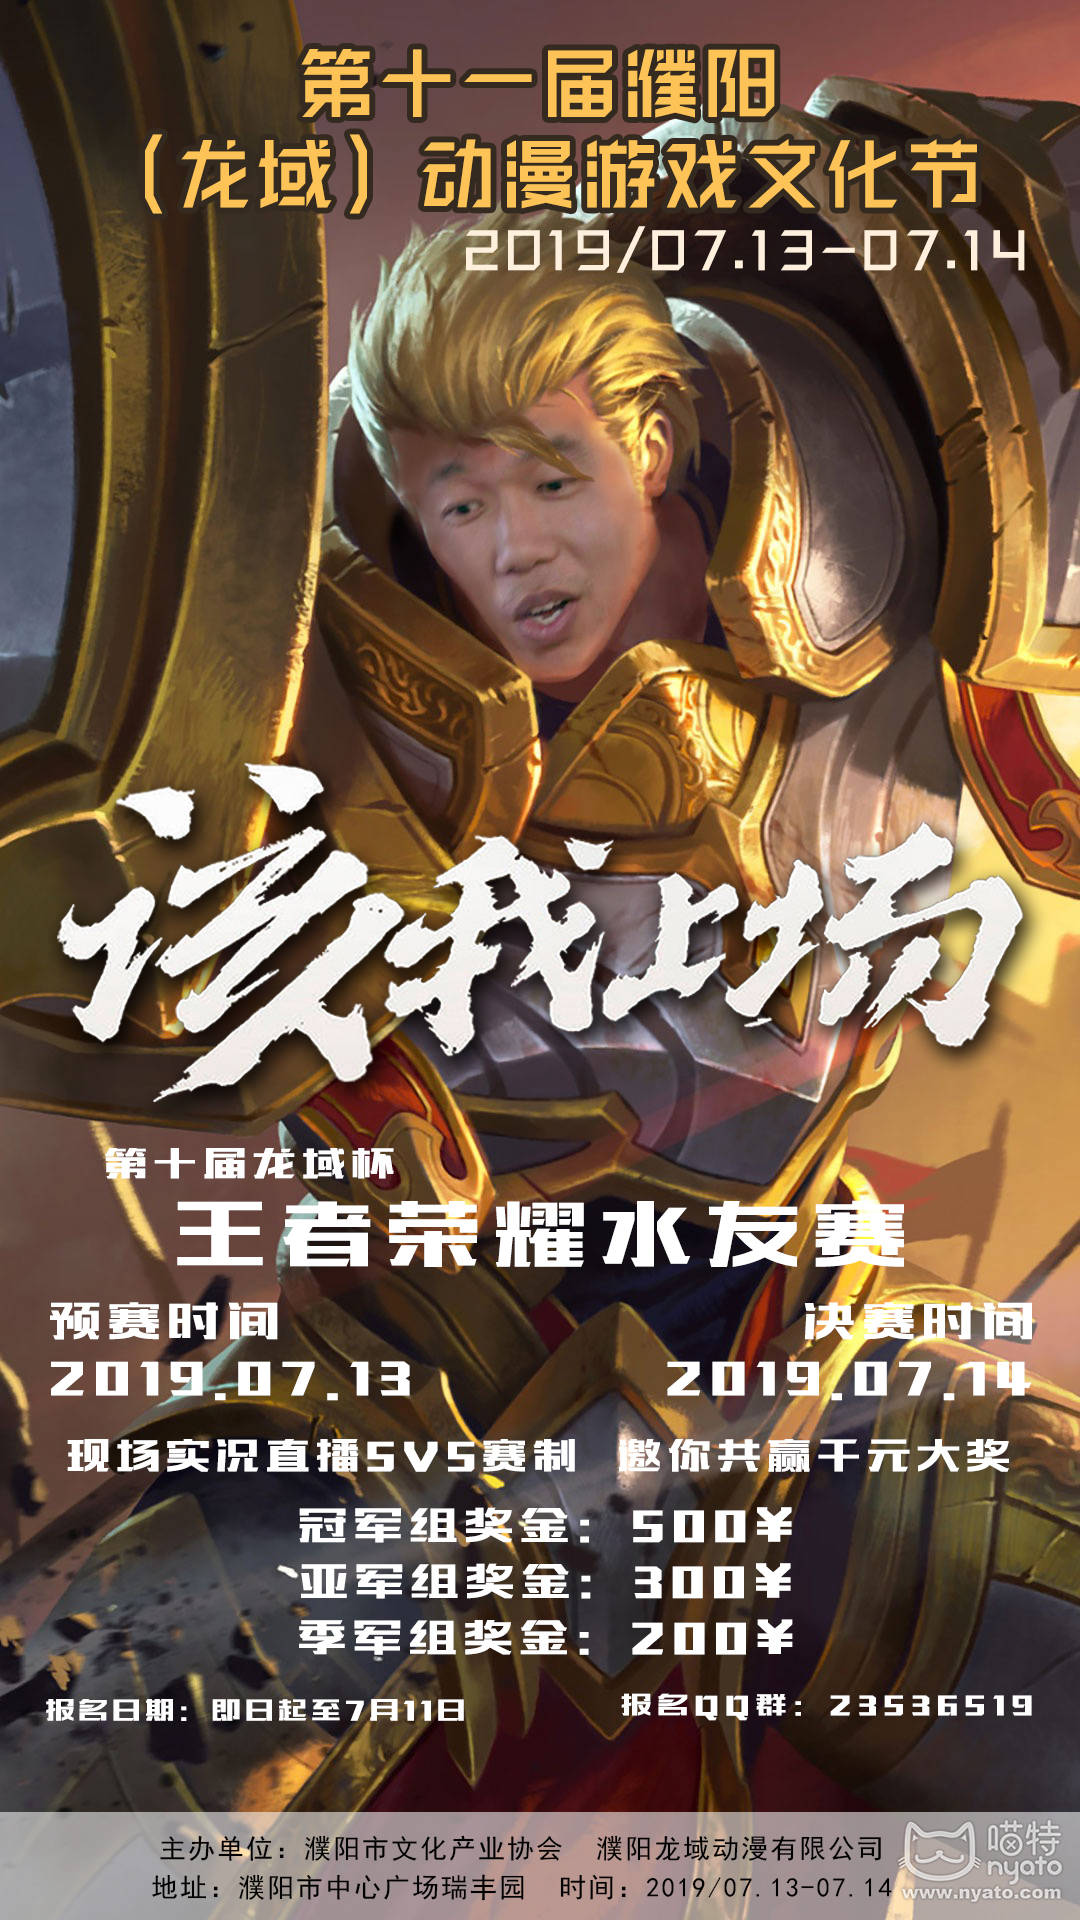 4王者荣耀.jpg